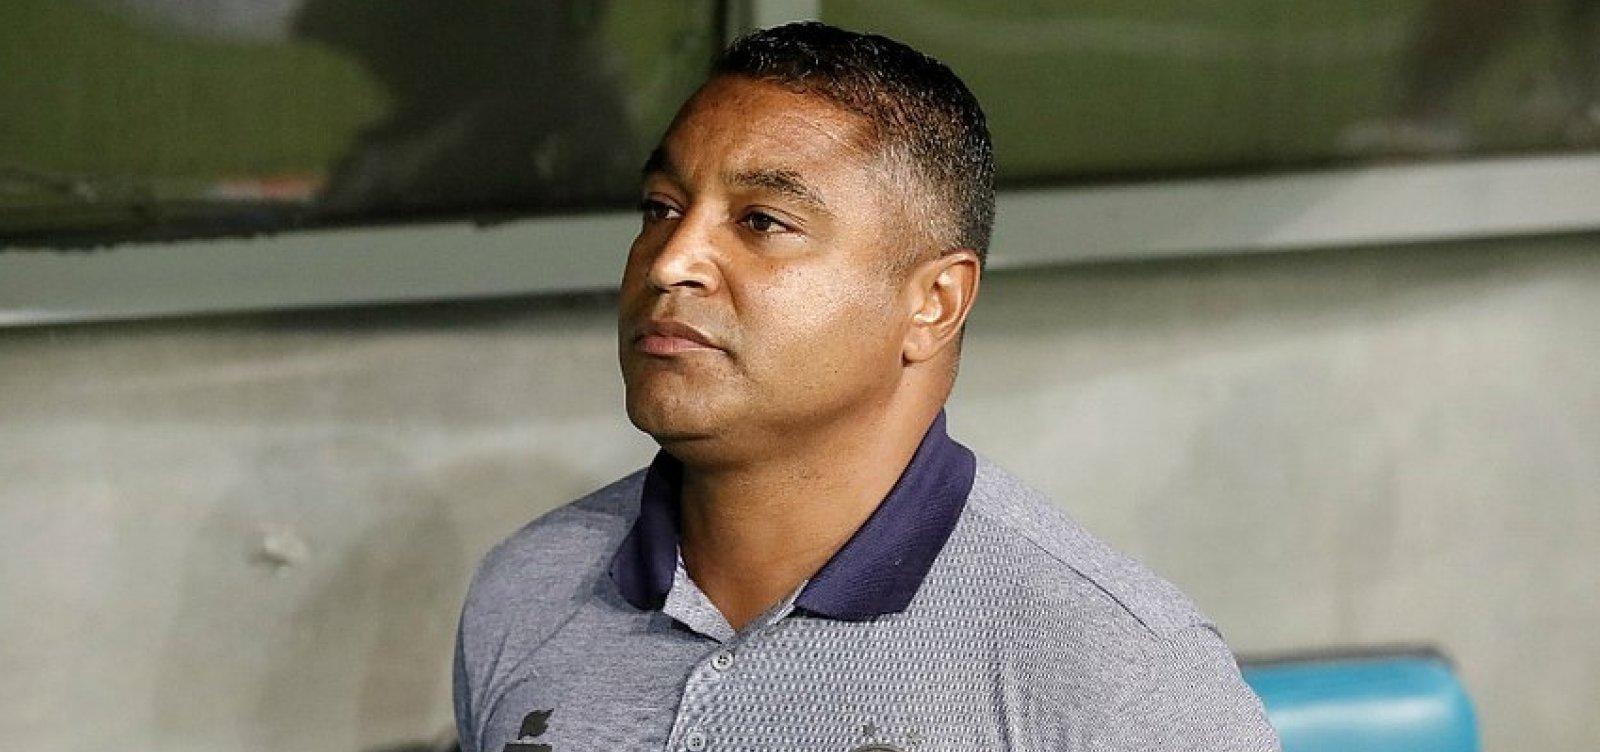 'Valeu pelo retorno da confiança', diz Roger após empate entre Bahia e Cruzeiro